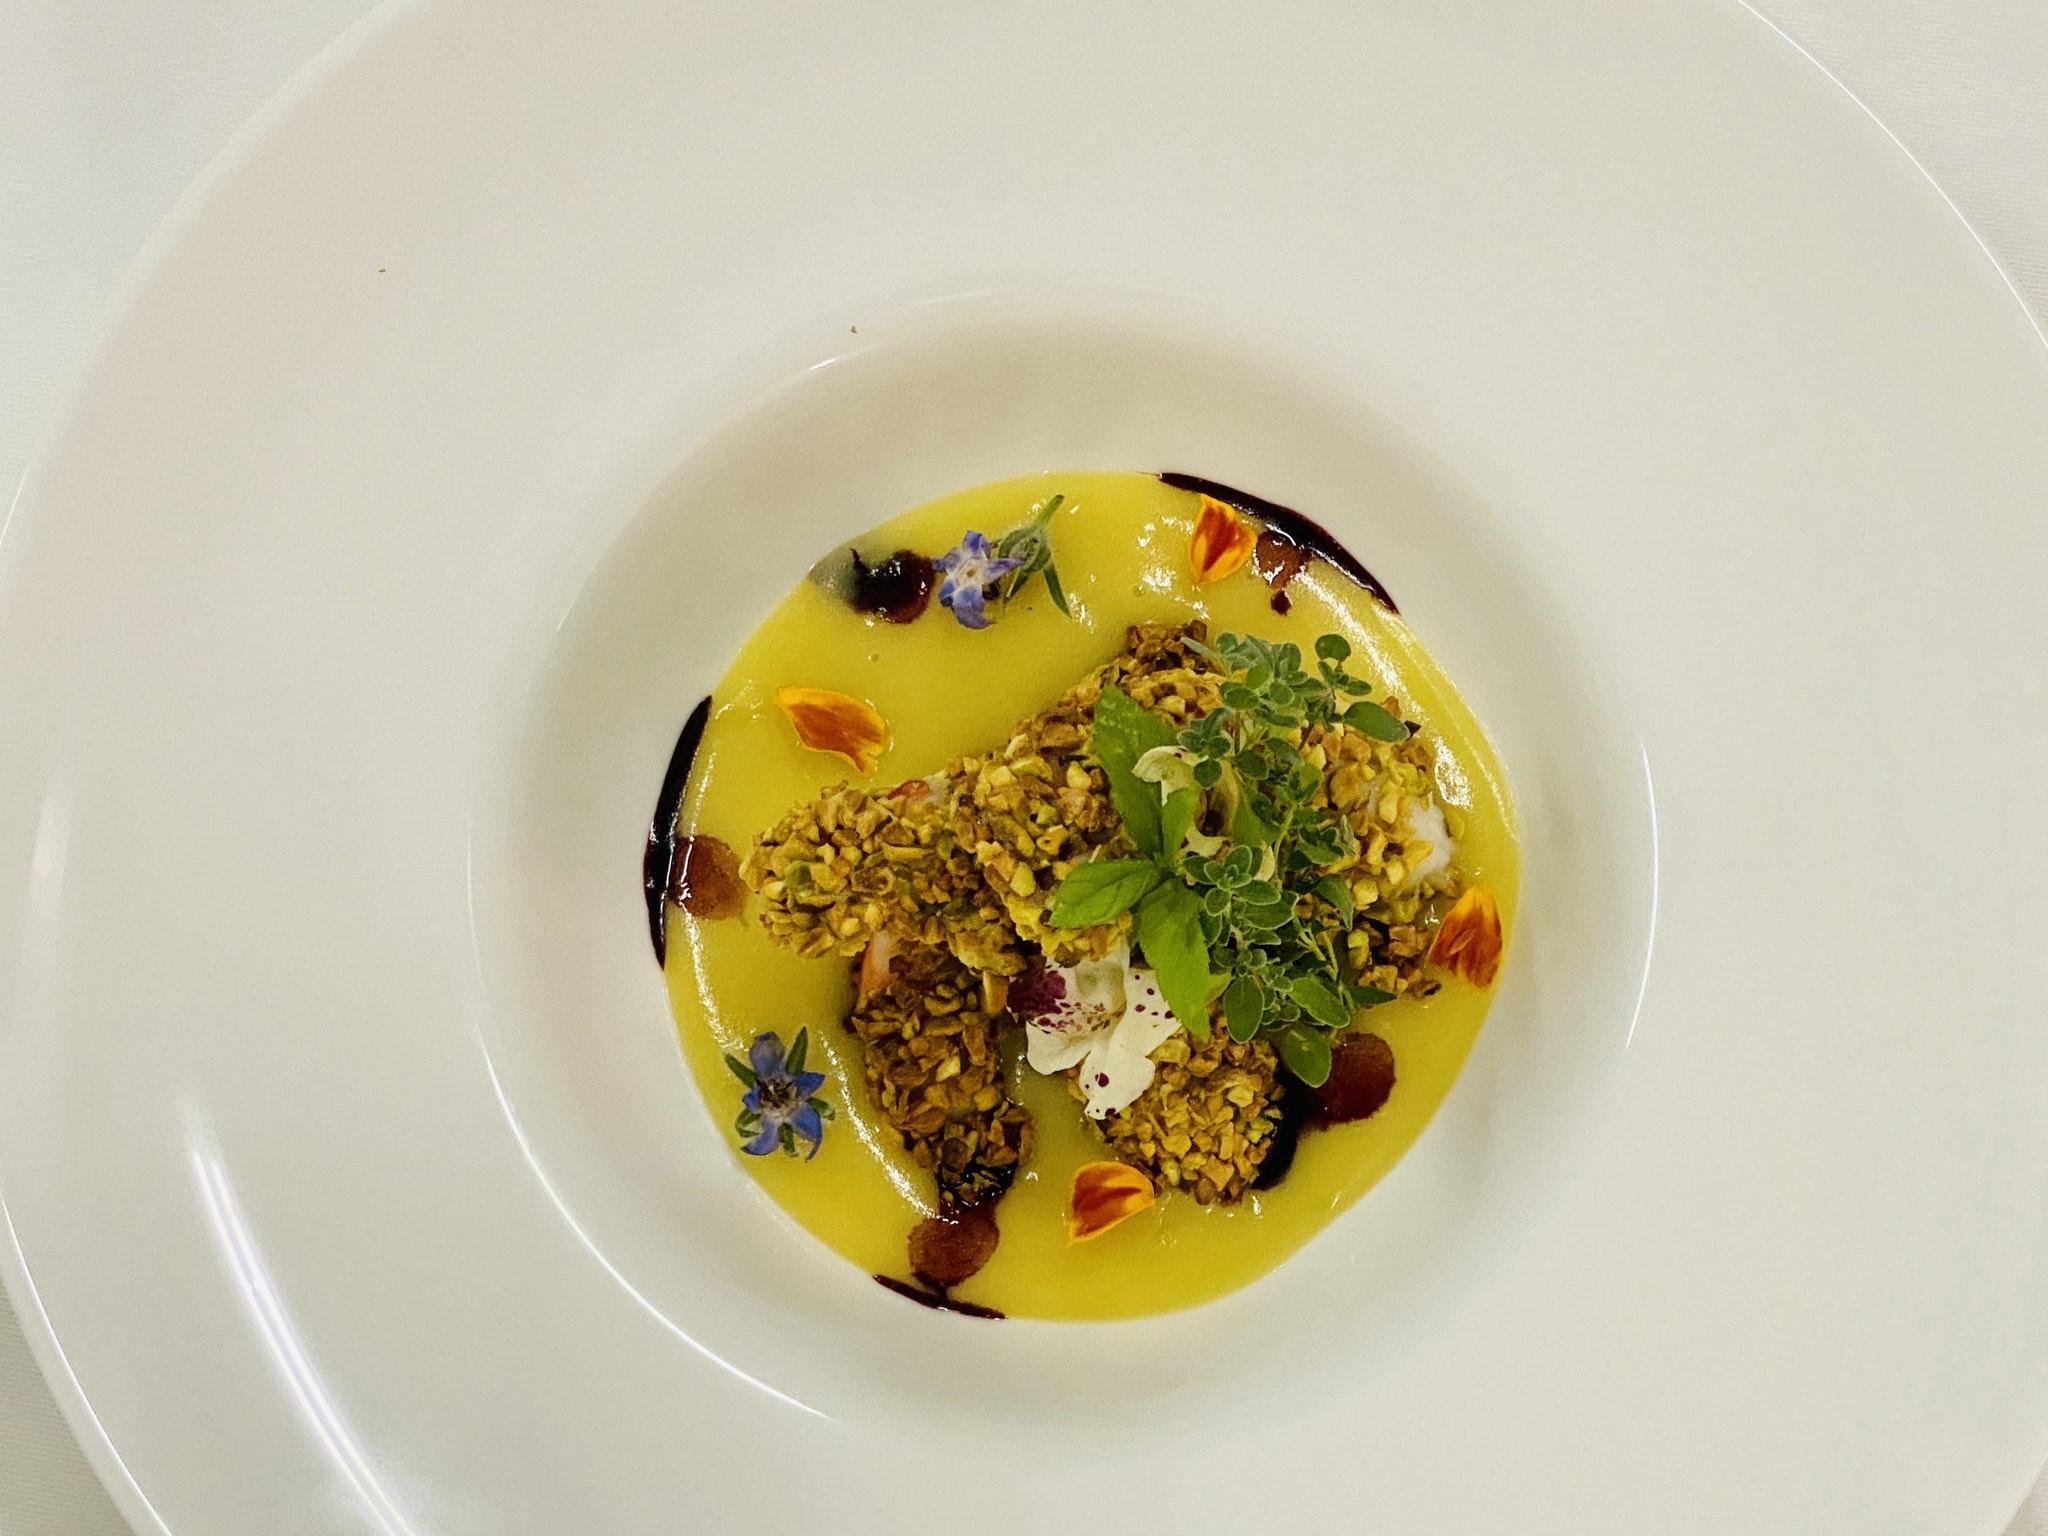 Mazzancolle in crosta di pistacchio di Stigliano, su soffice di patate alla vaniglia, e gocce di miele di aglianico.